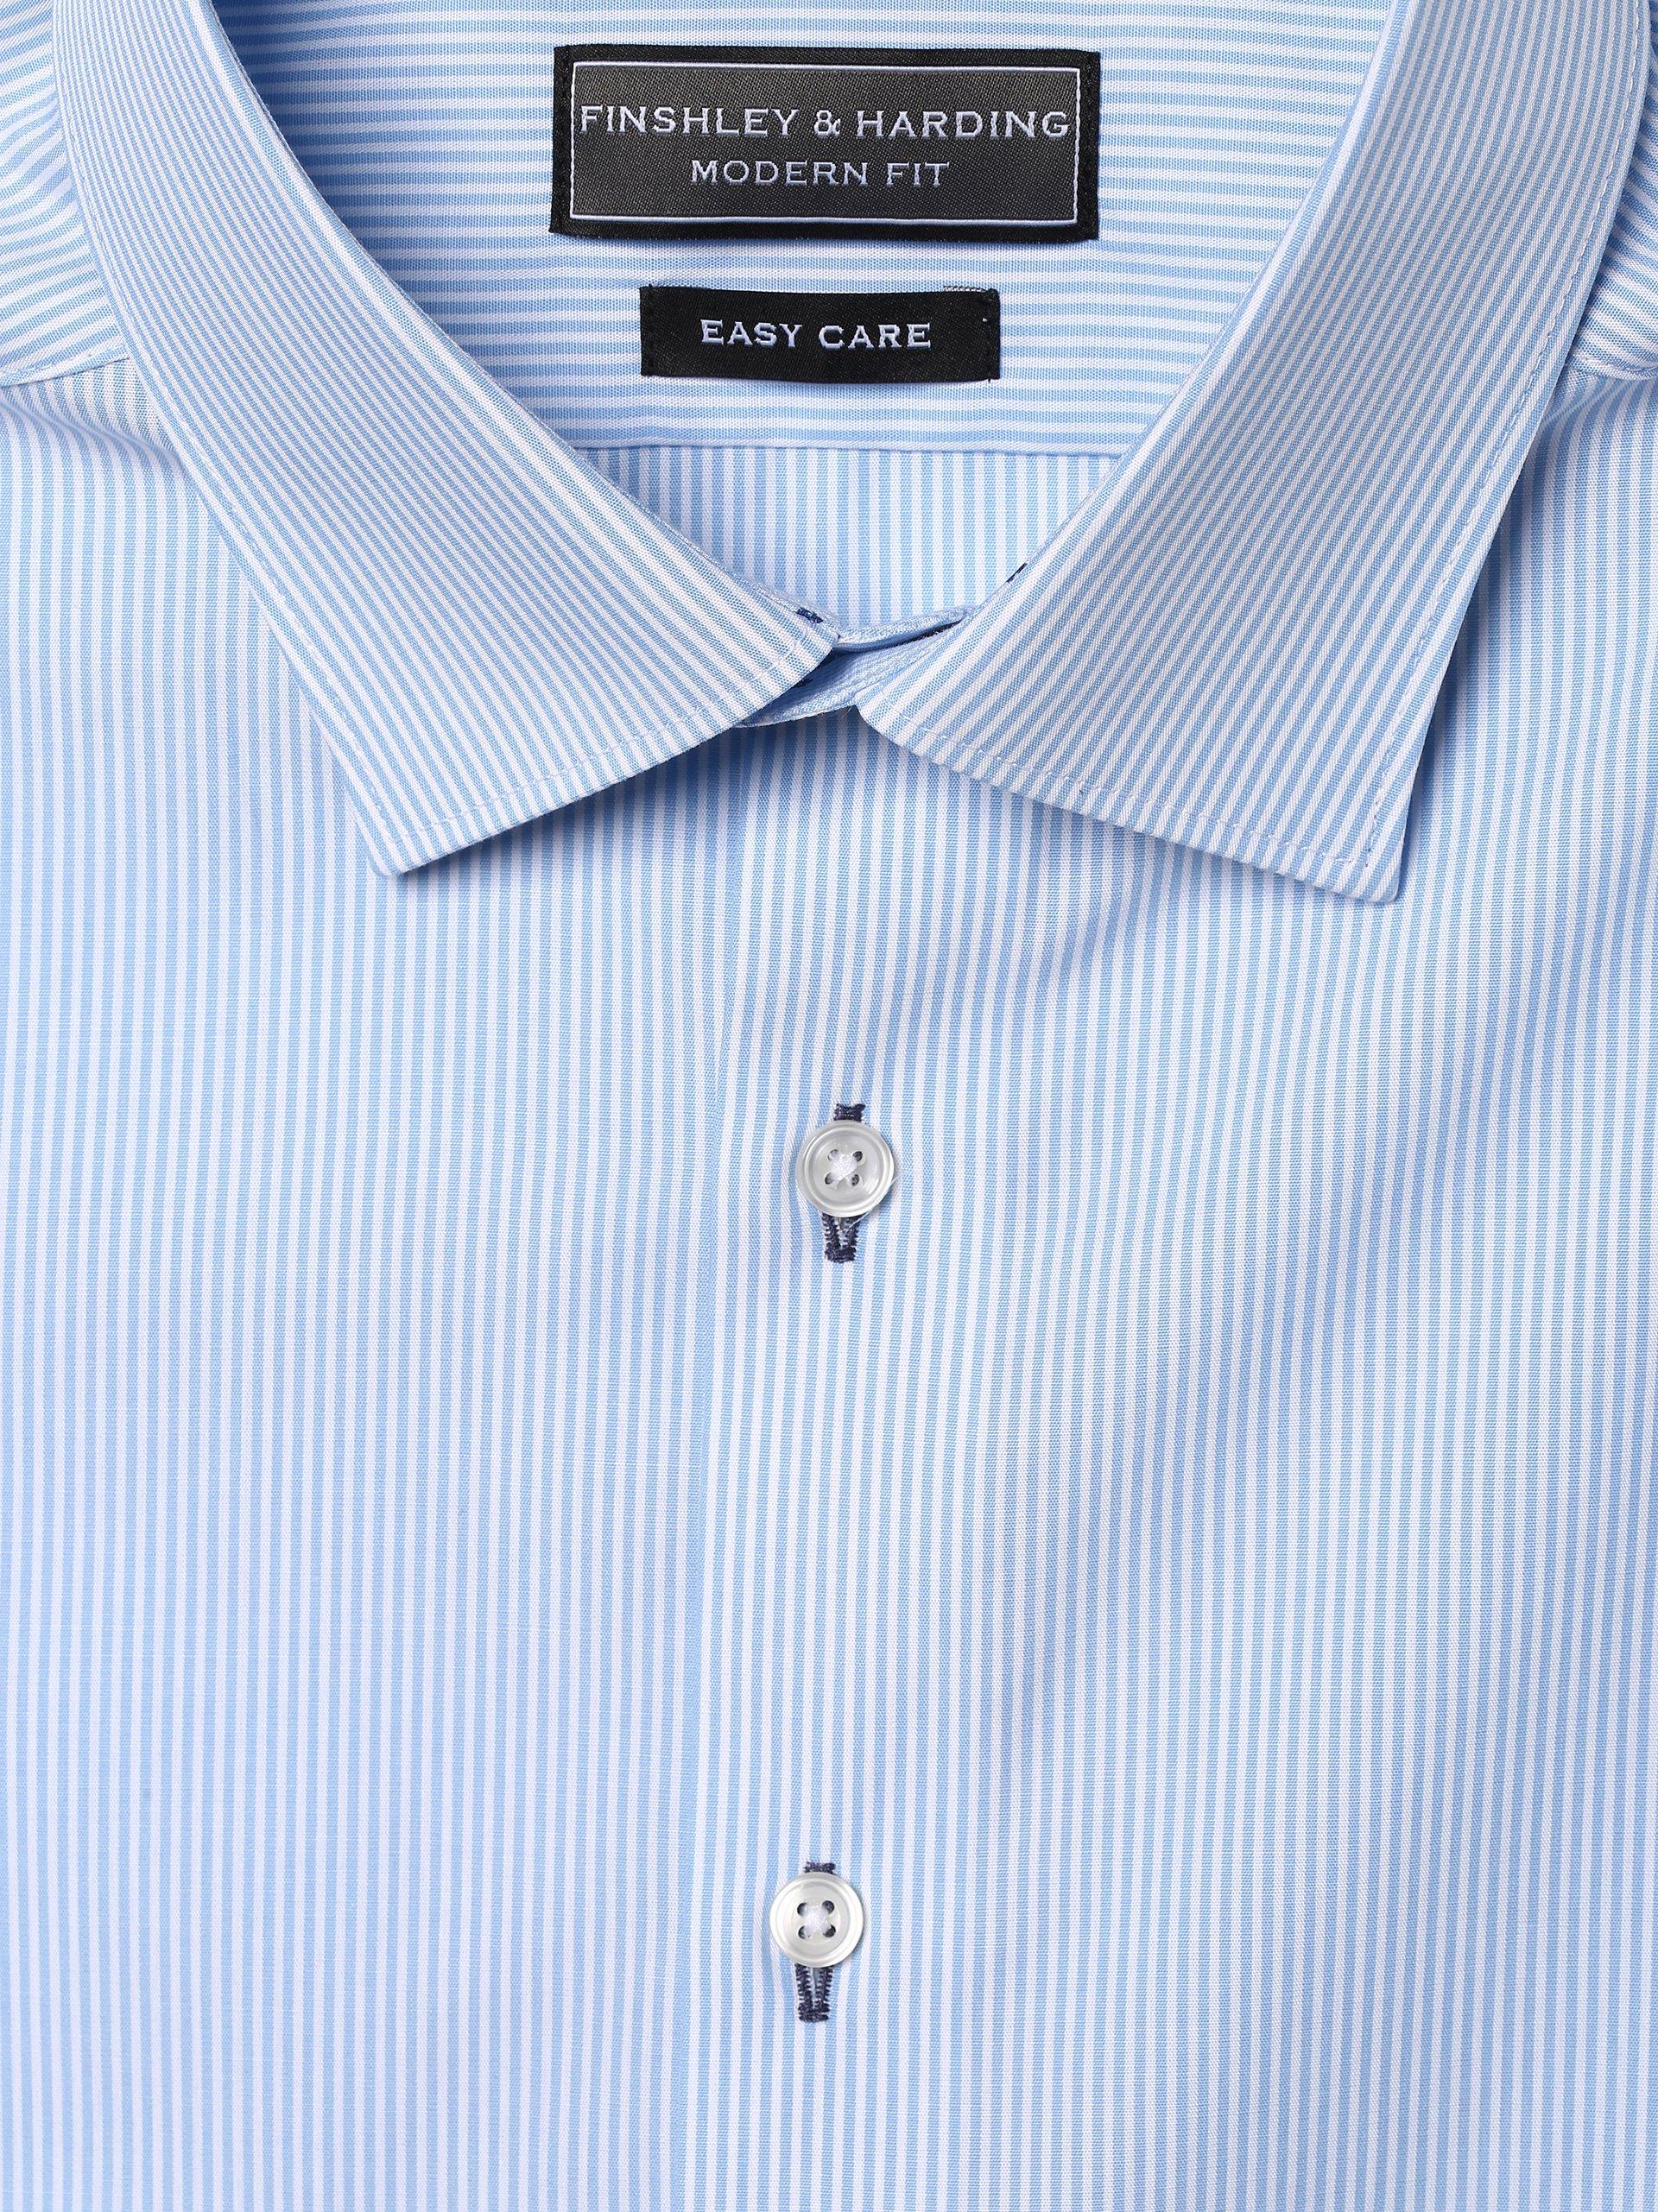 Finshley & Harding Koszula męska łatwa w prasowaniu z bardzo długim rękawem